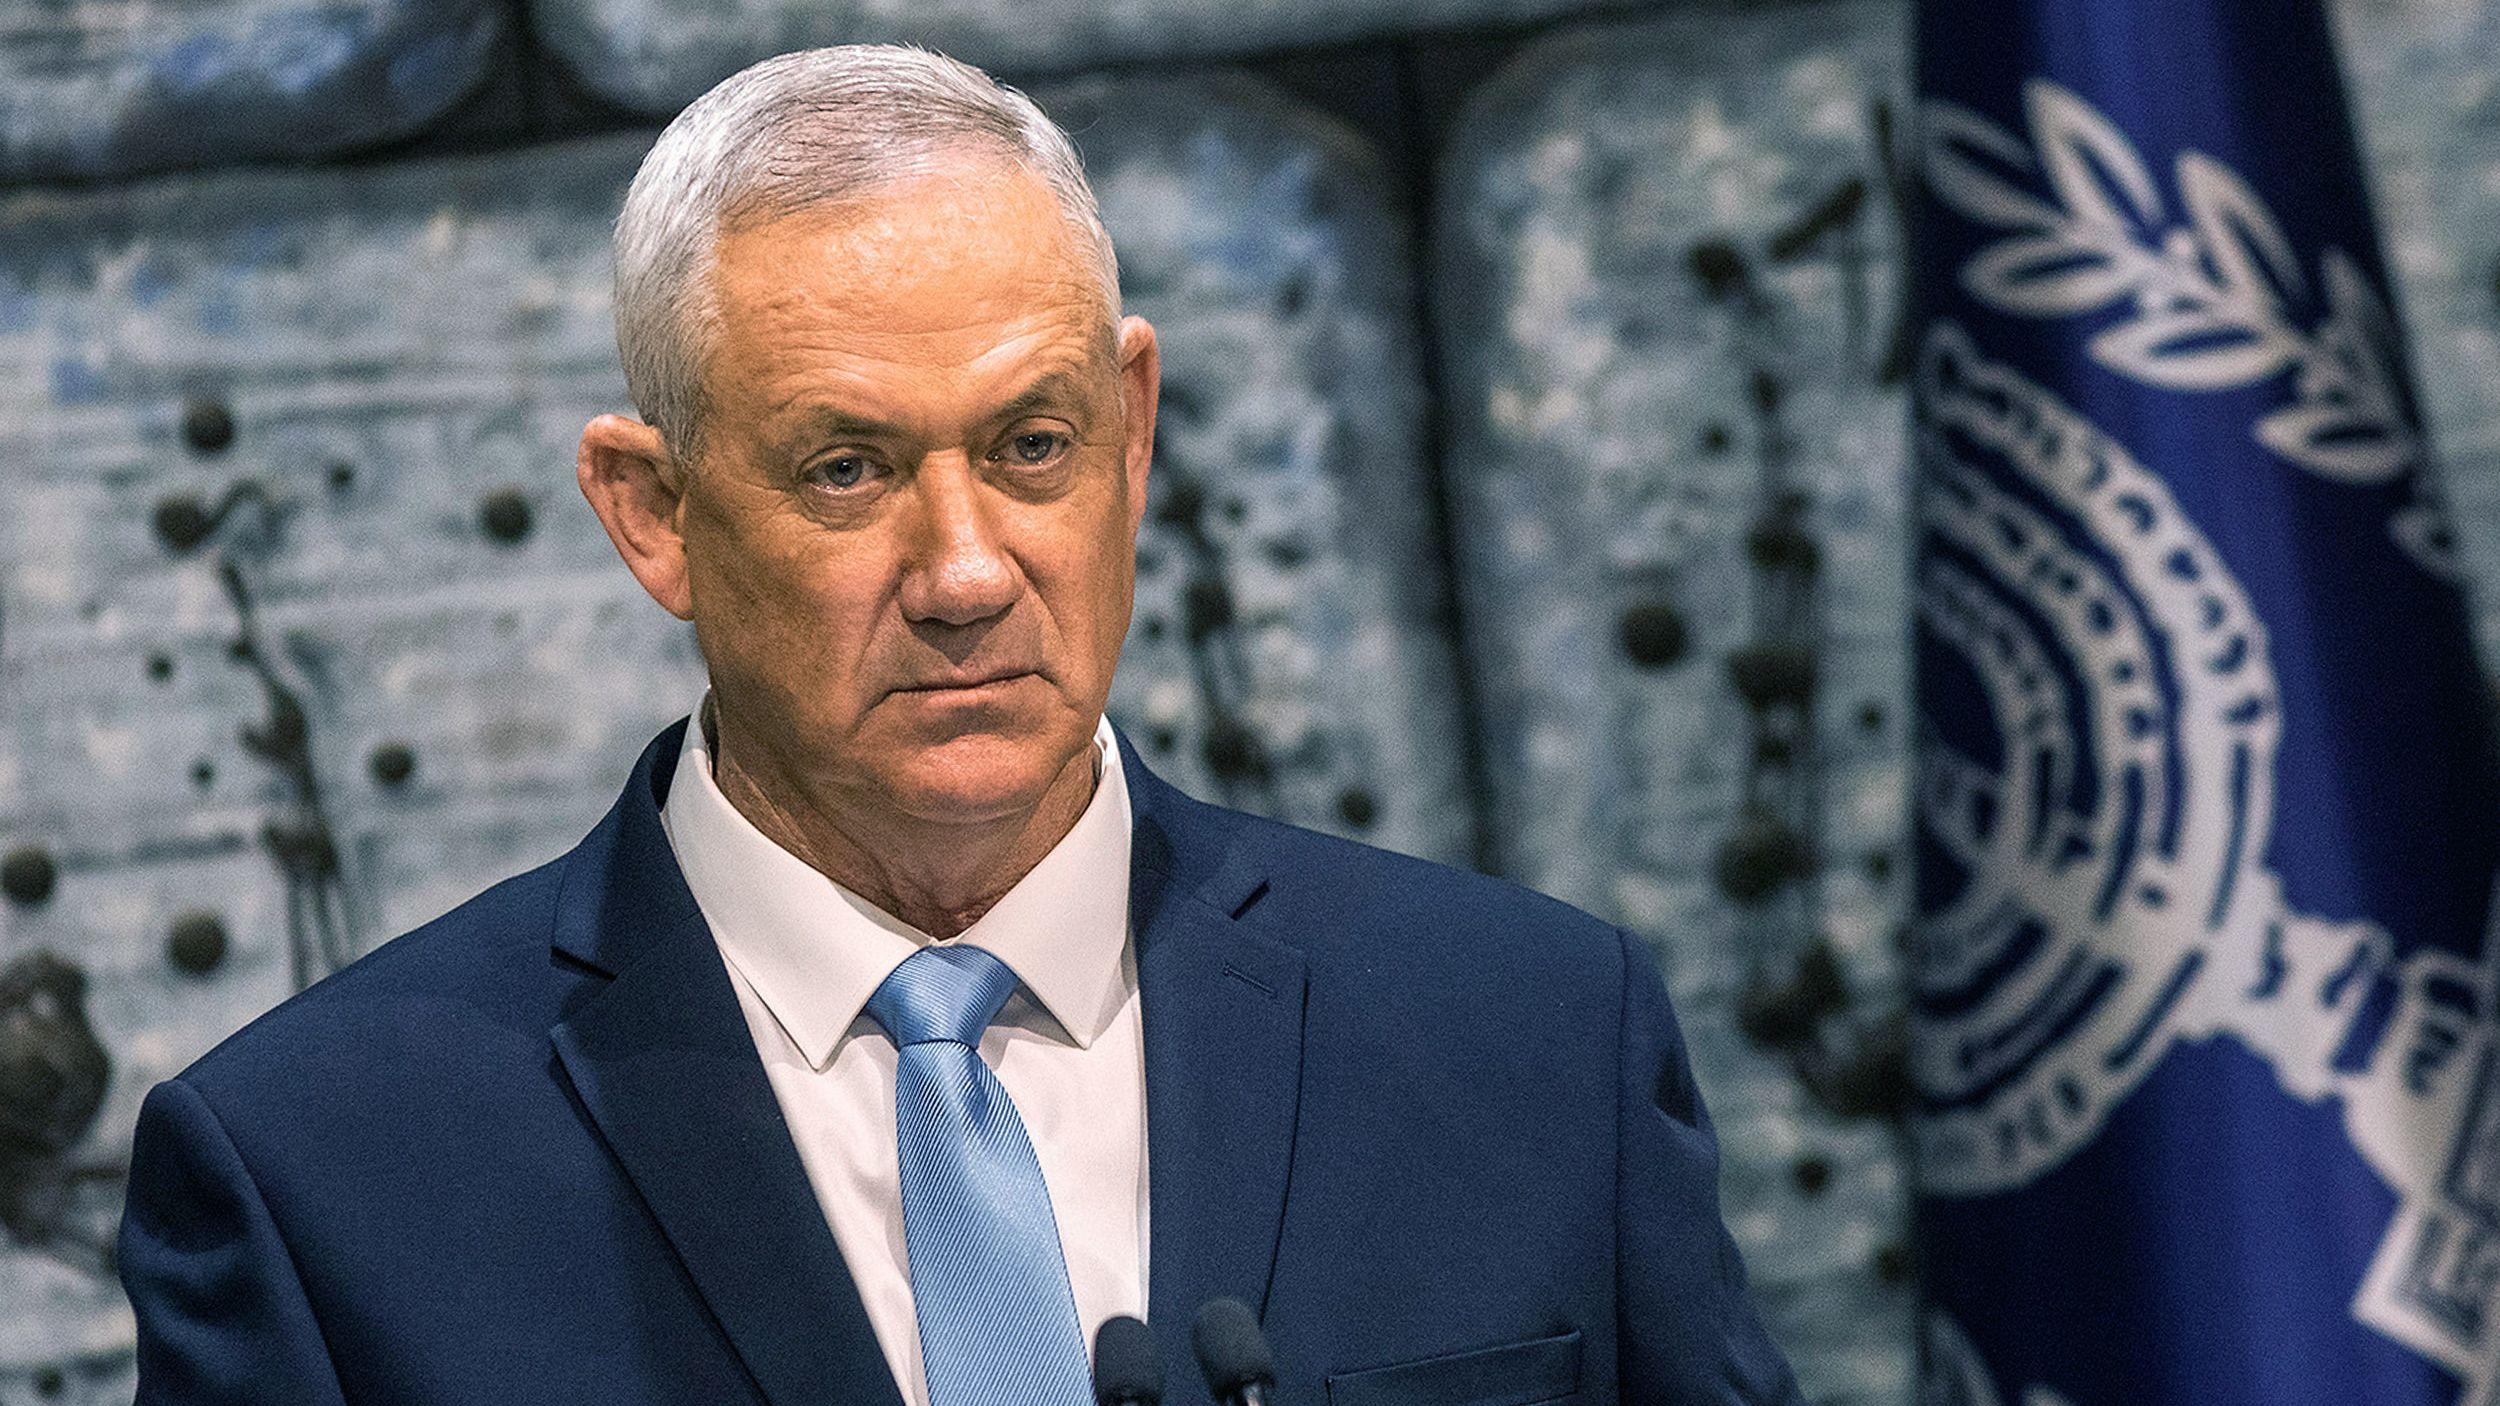 Der israelische Oppositionsführer Benny Gantz